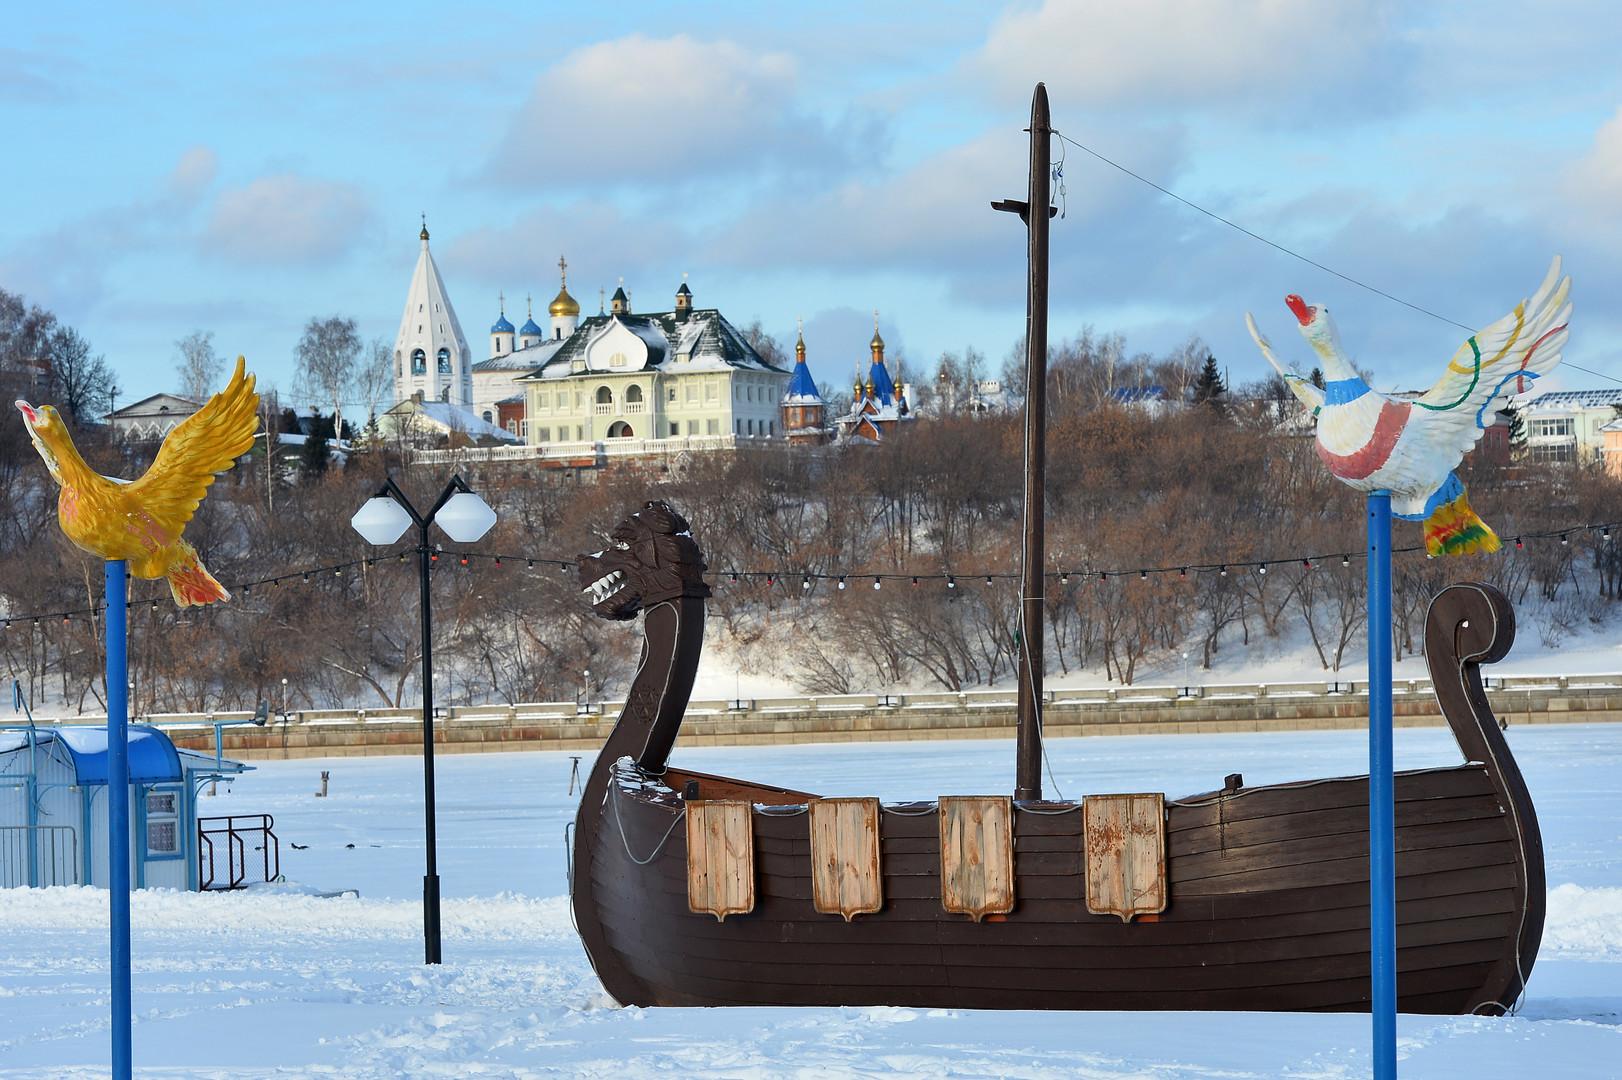 Nachbau eines Wikingerschiffes am Ufer des Wolga-Flusses in Cheboksary